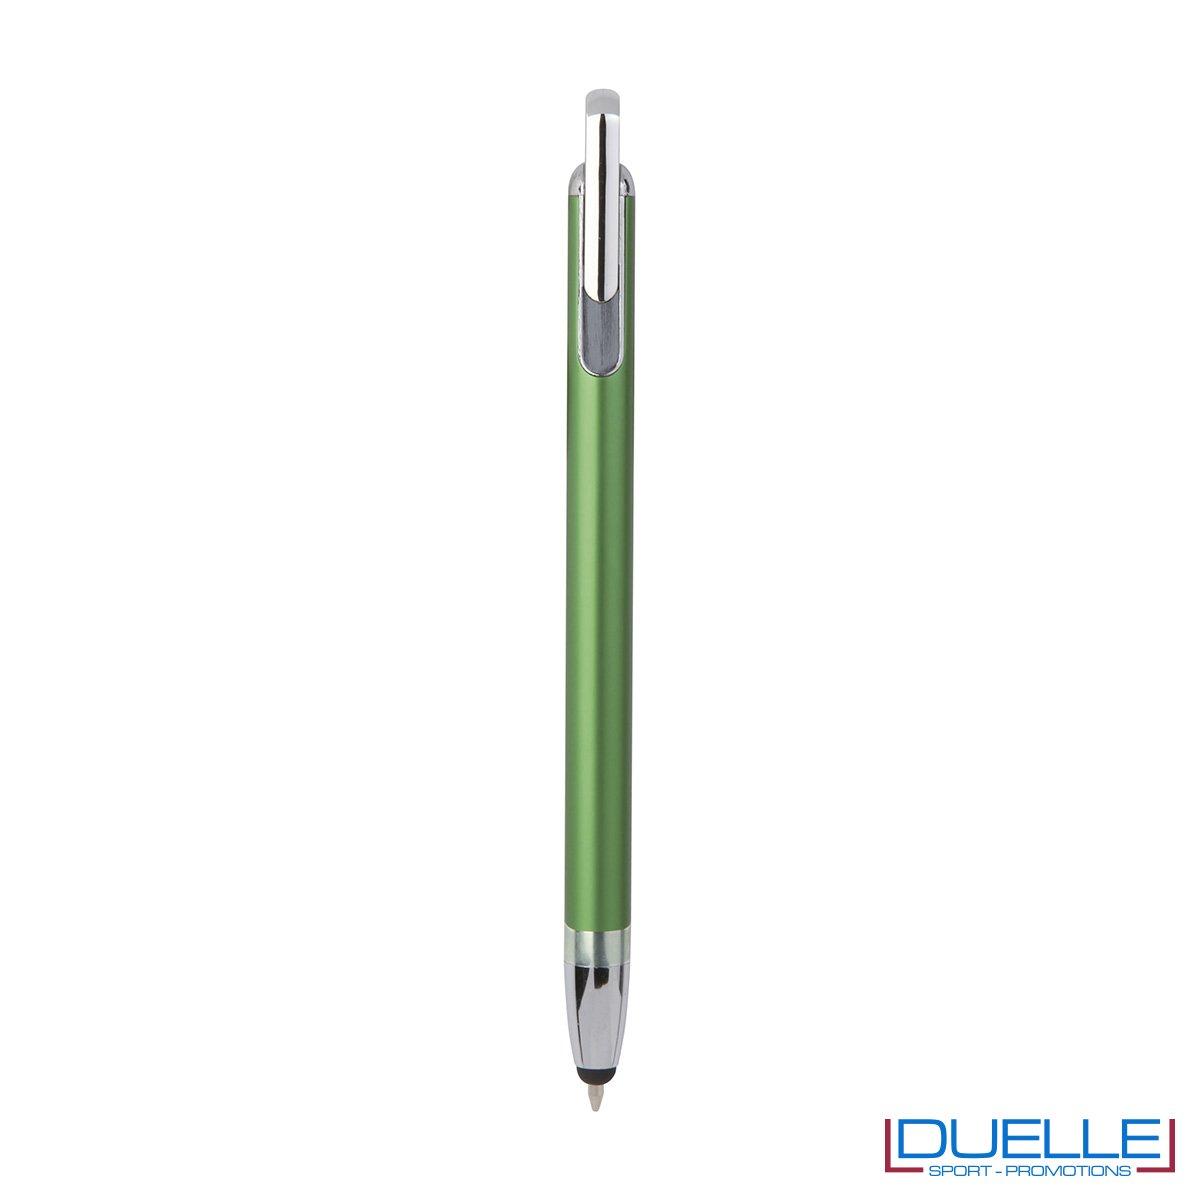 Penna touch screen con fusto interamente in metallo e puntale in plastica colore verde